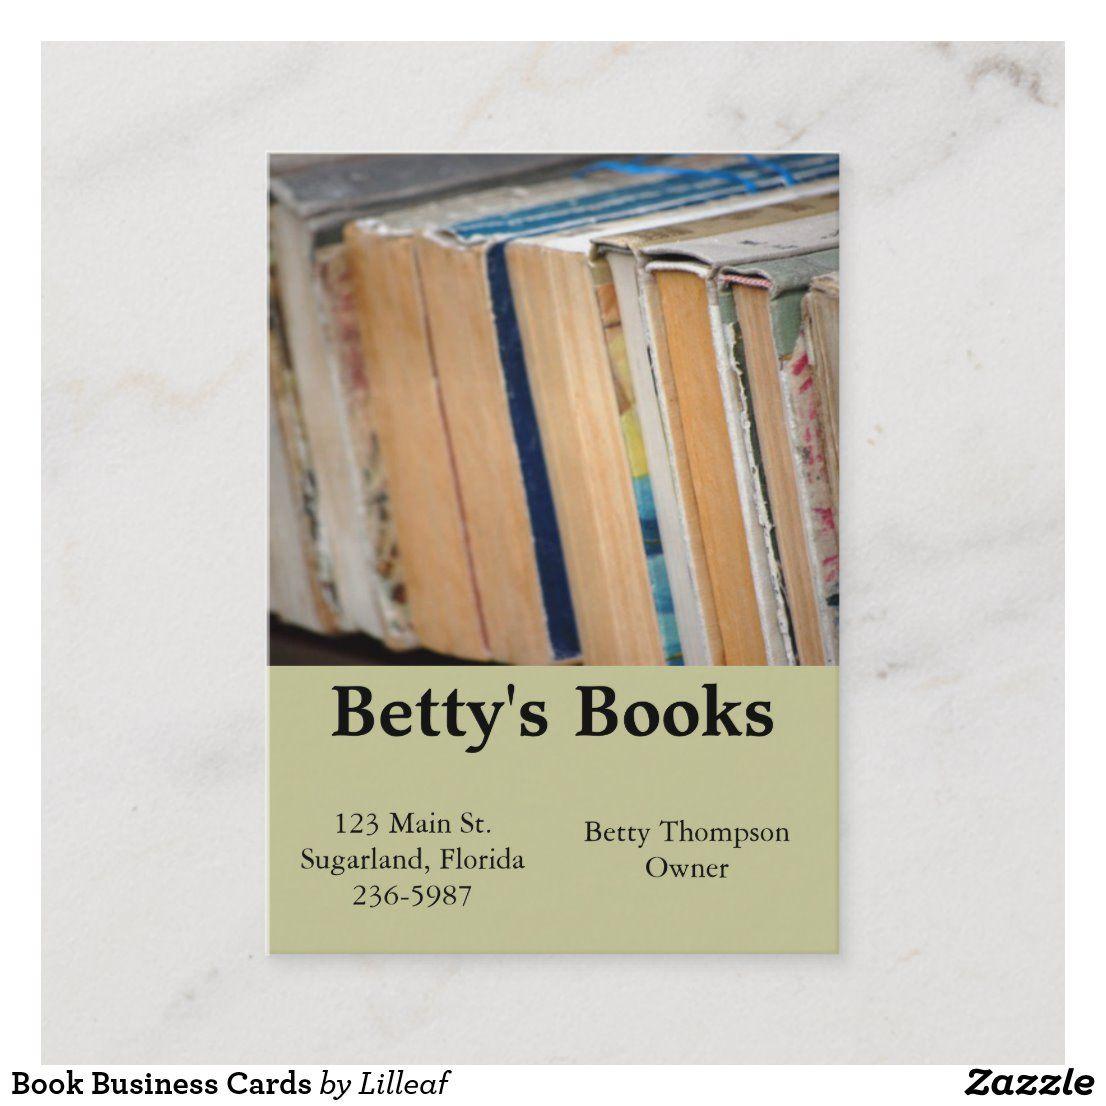 Book Business Cards Zazzle Com Books Business Card Books Card Book